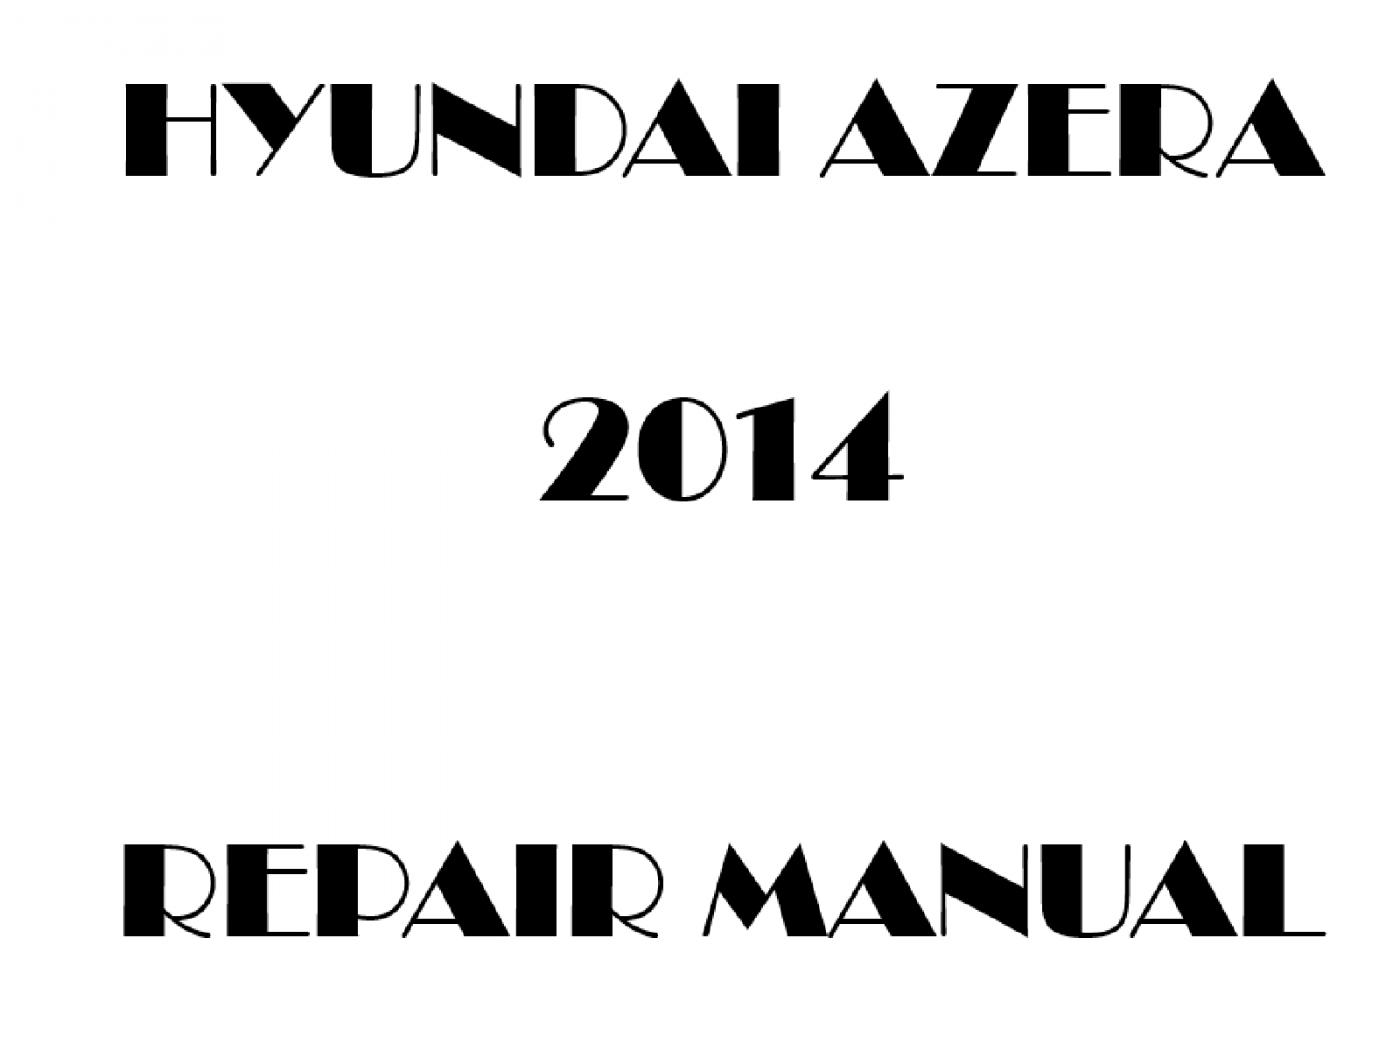 2014 Hyundai Azera repair manual